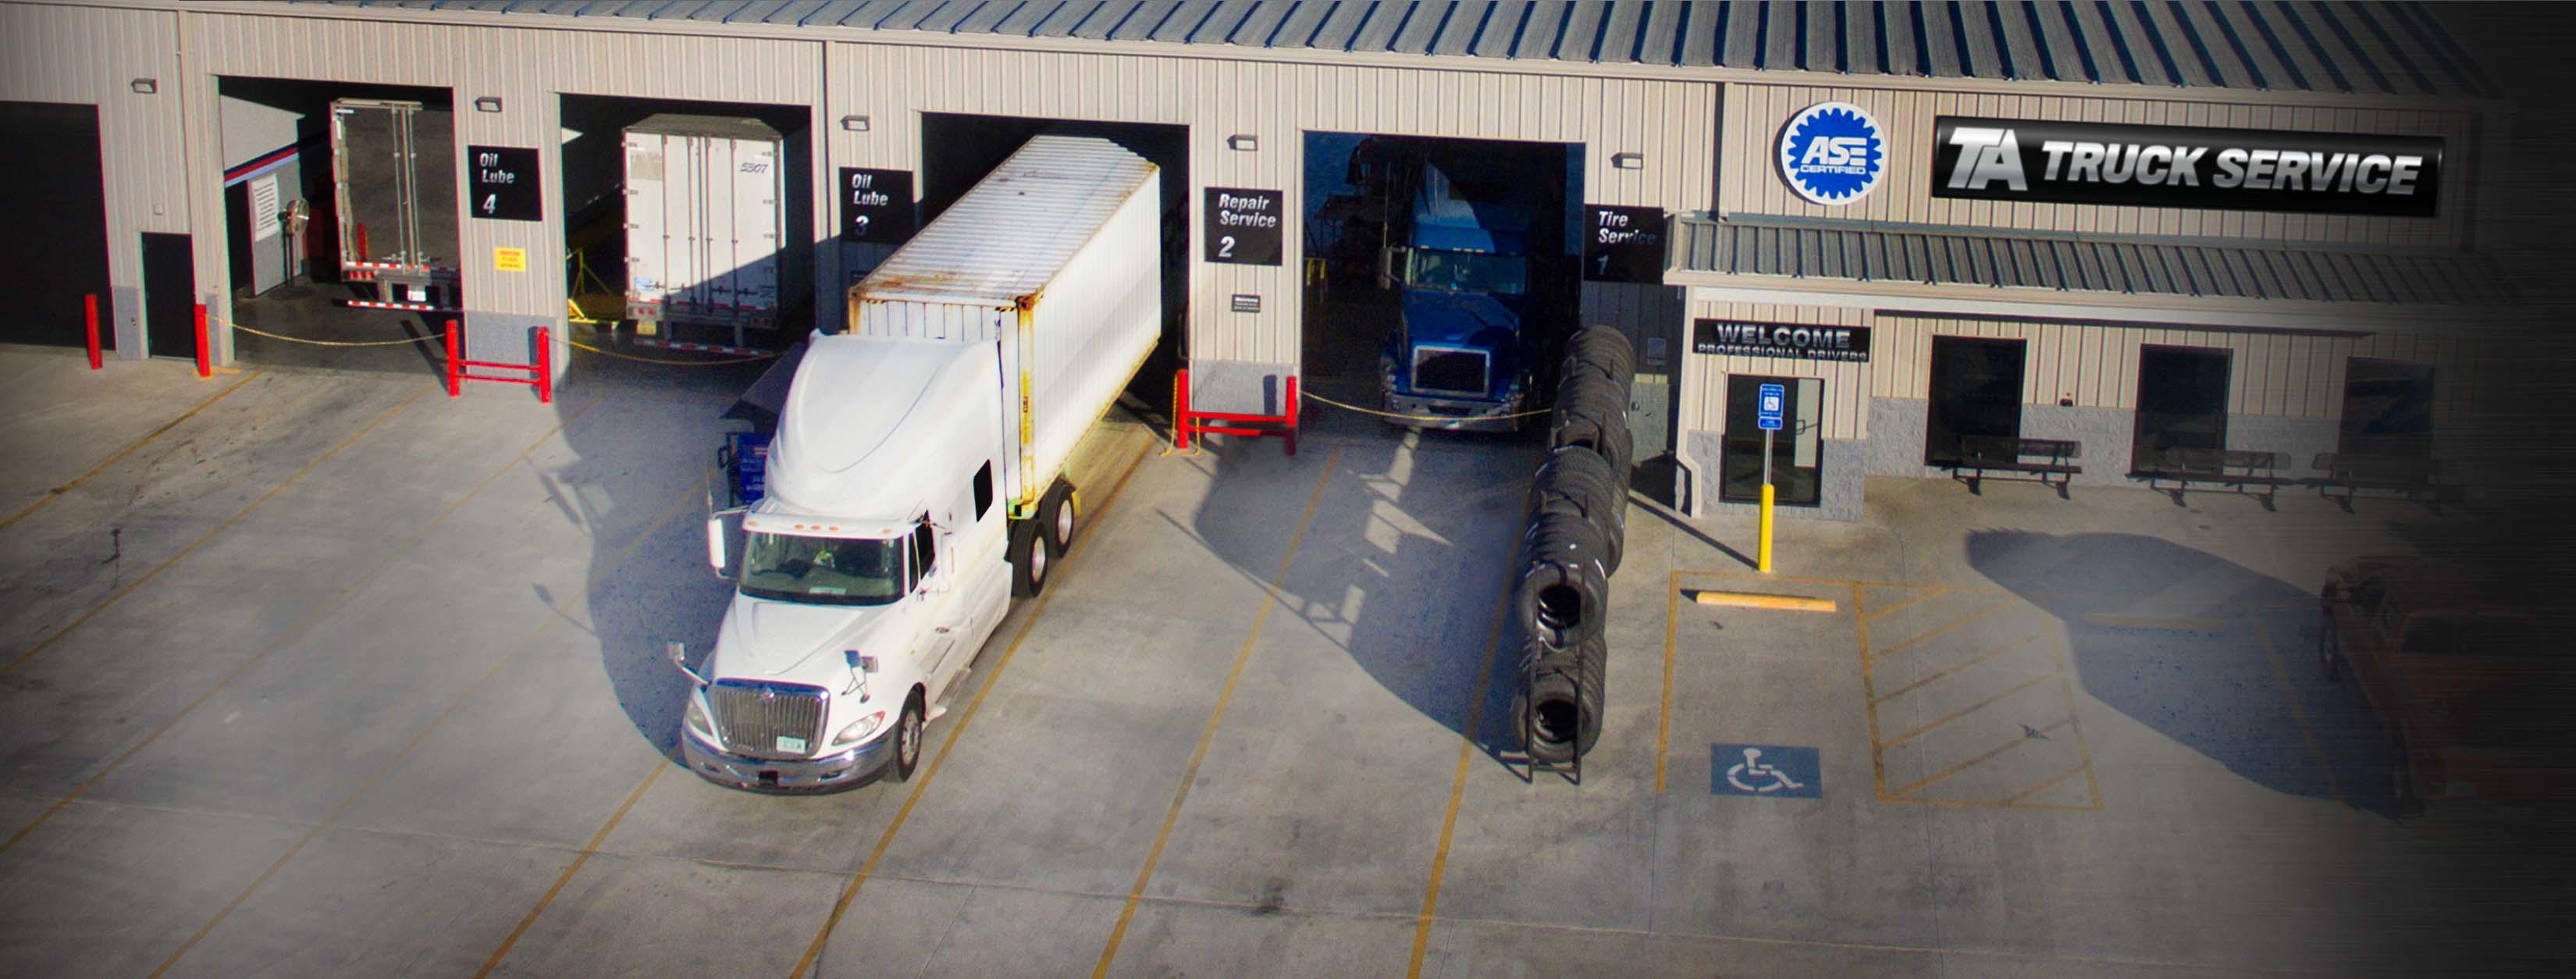 TA Truck Service